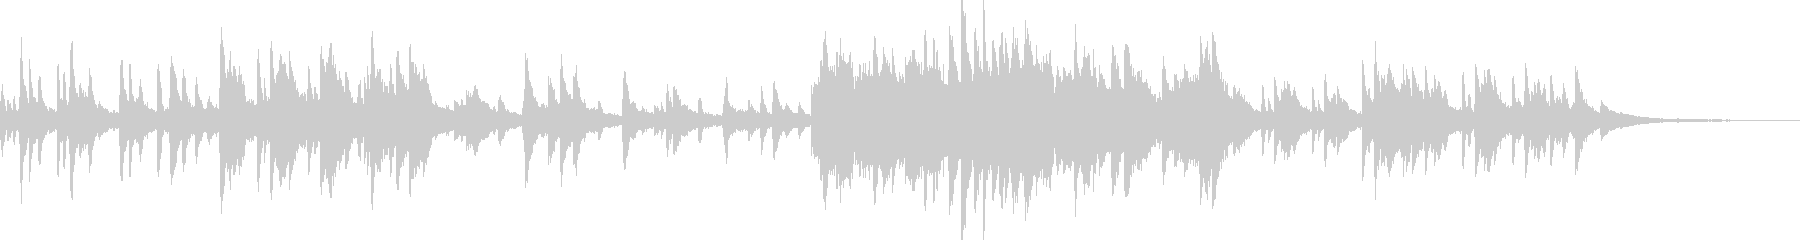 幻想的で切ないピアノ曲の未再生の波形